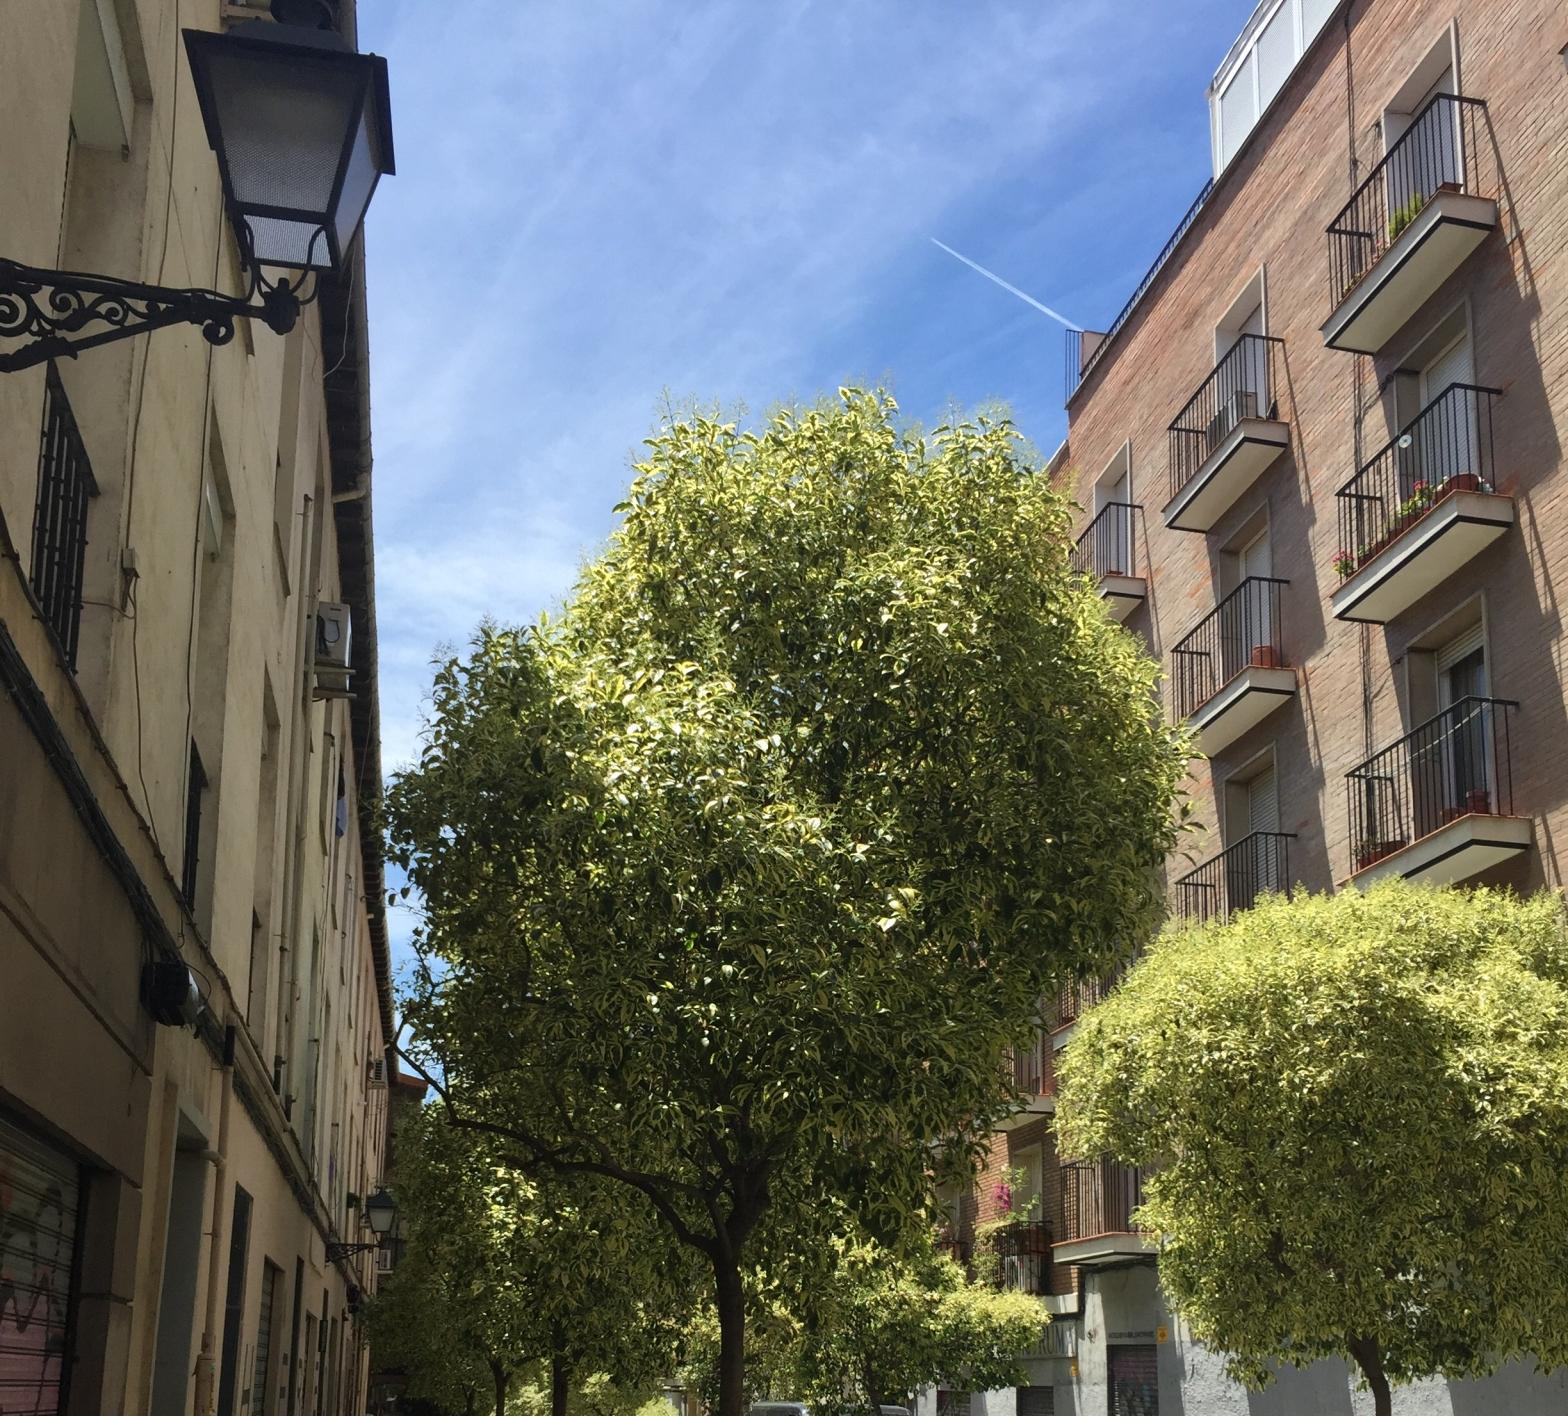 Madrid's street